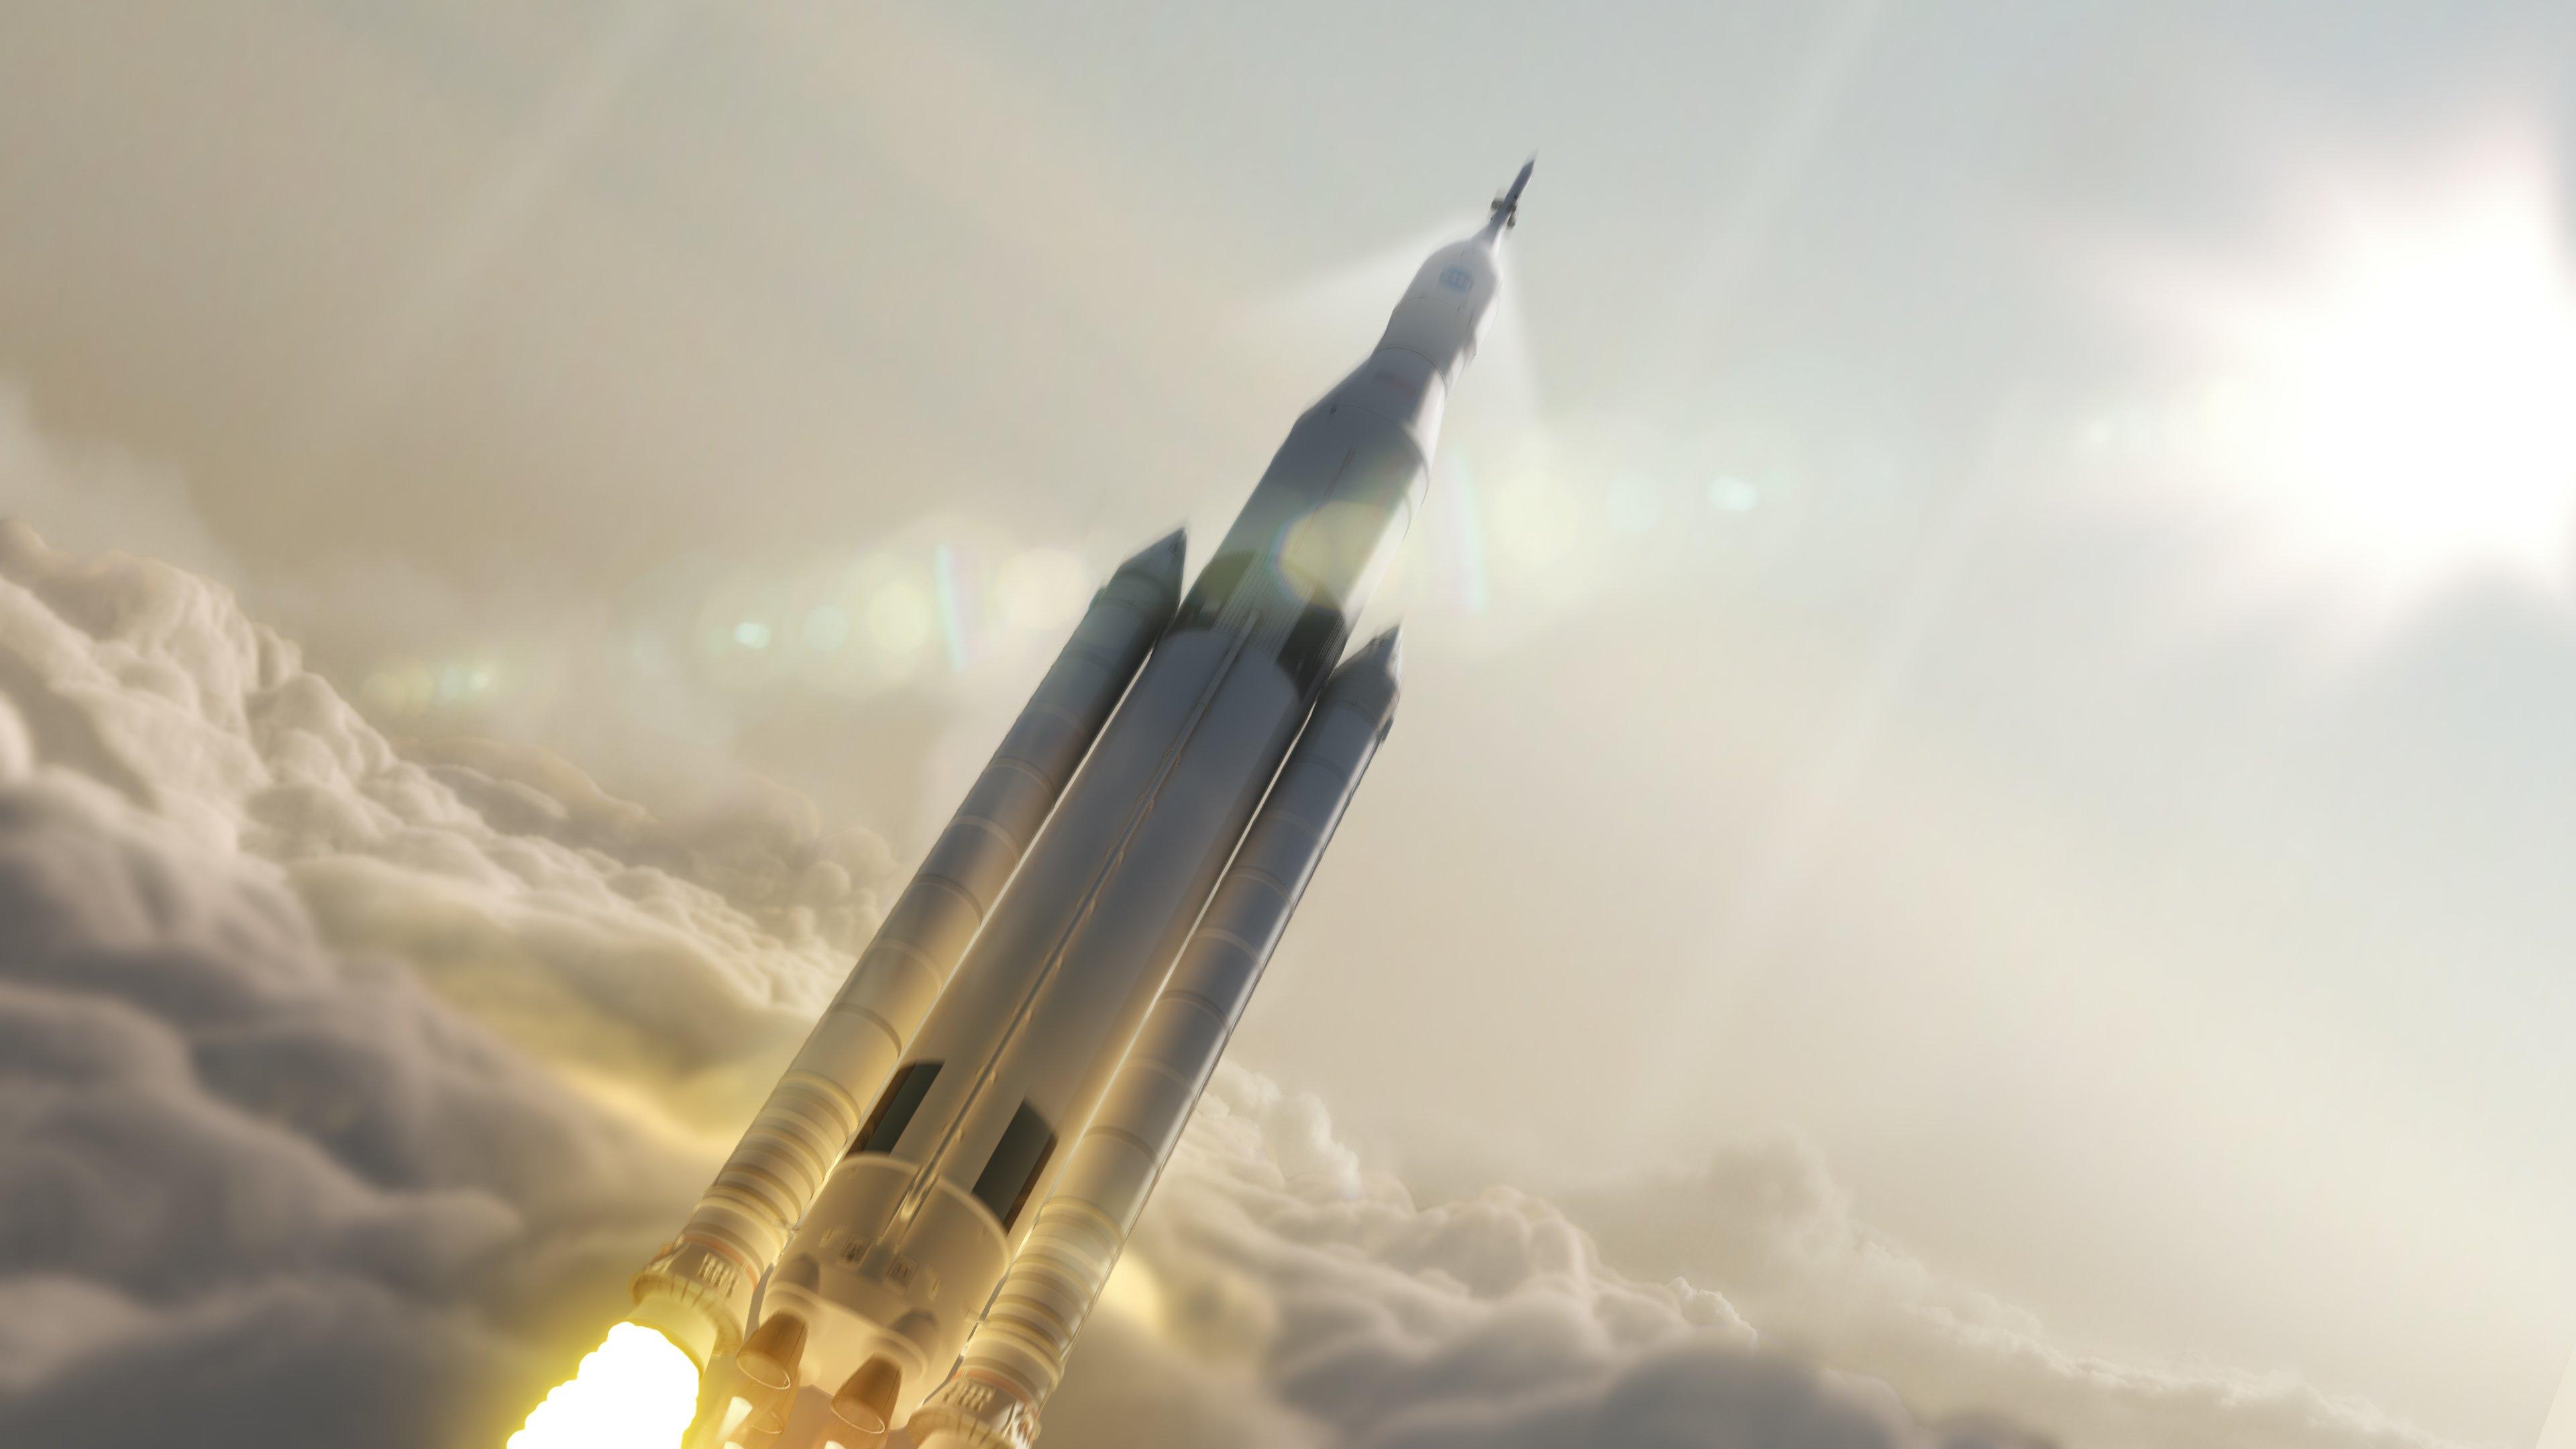 Stany Zjednoczone chcą utworzyć Space Force, czyli pierwszy oddział do walki w kosmosie 21